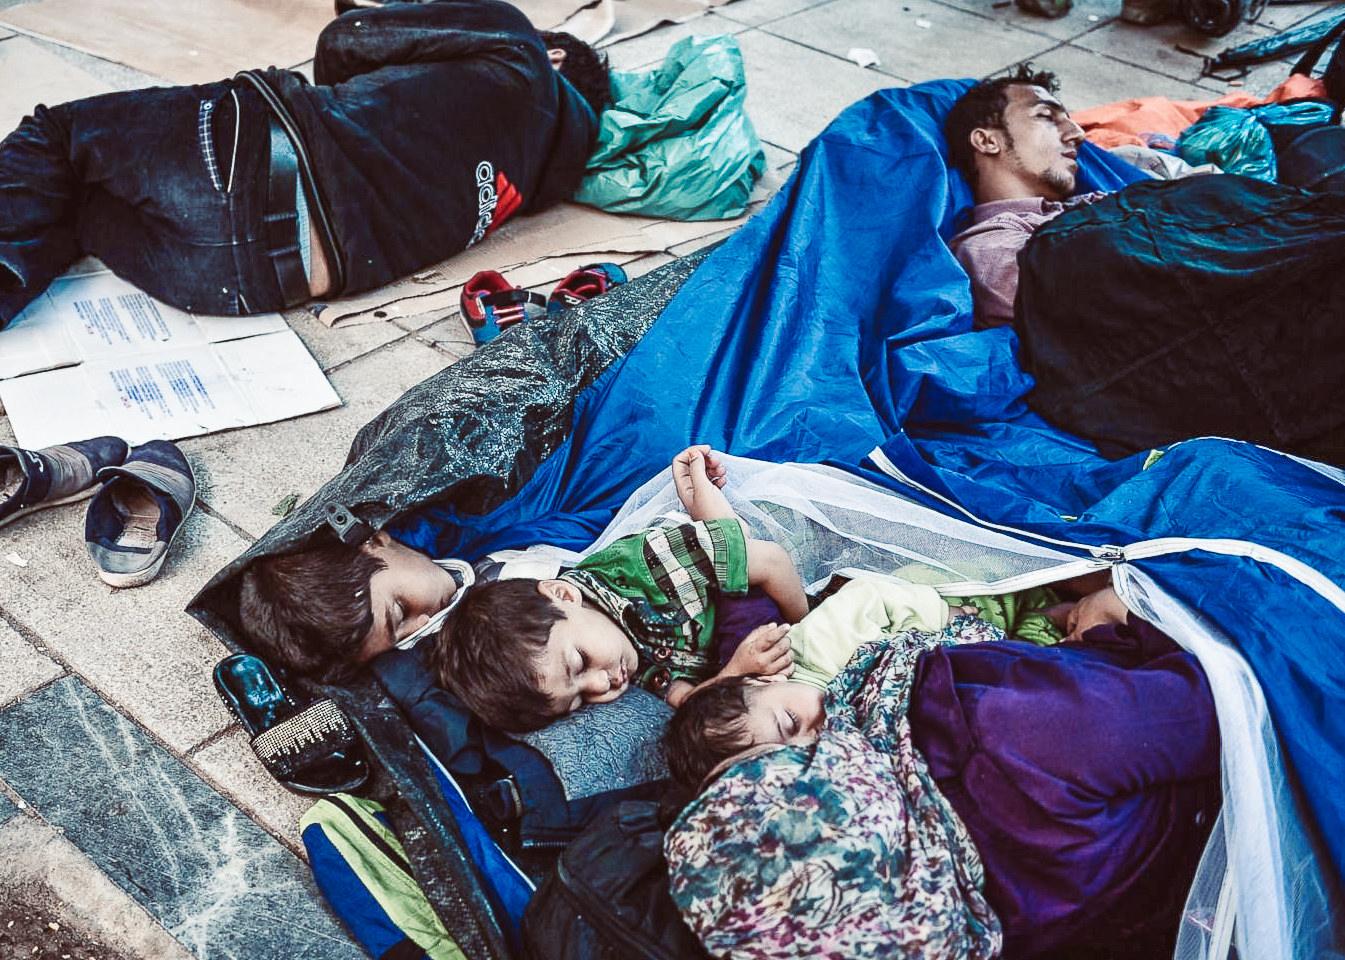 L'ONU suspend le renvoi scandaleux d'une famille syrienne yézidie vers la Grèce